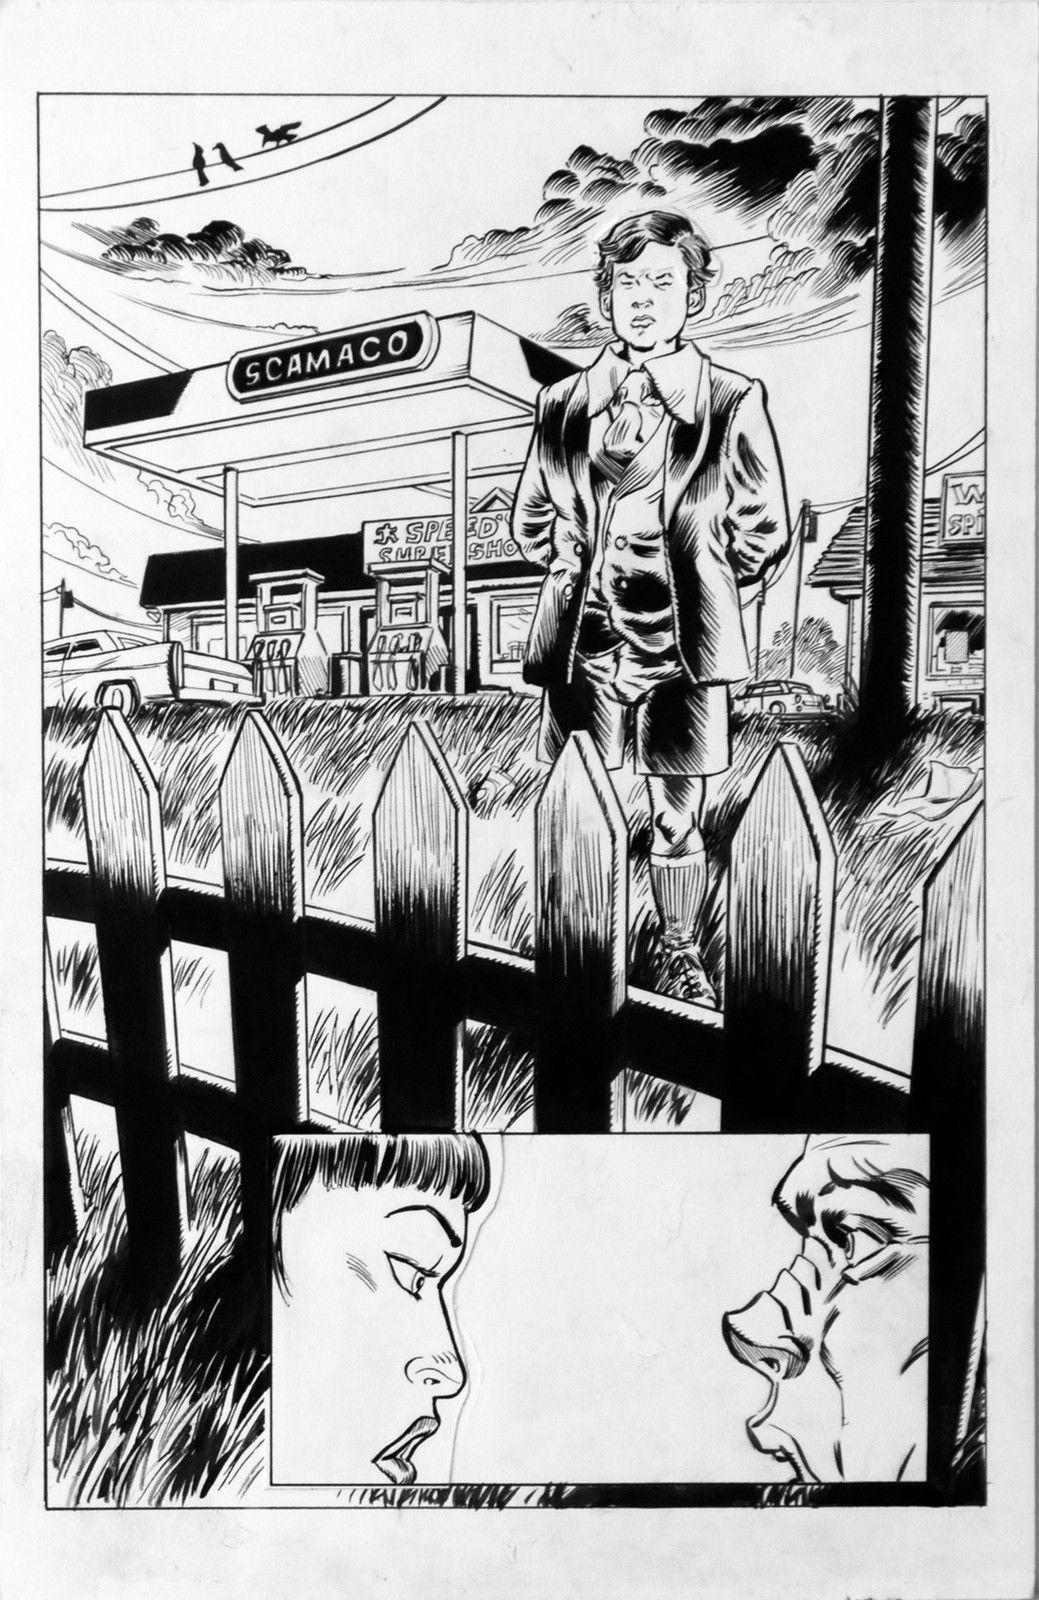 DEAN KOTZ Original Published Art, TRAILER PARK of TERROR #9 page 2, Zombies